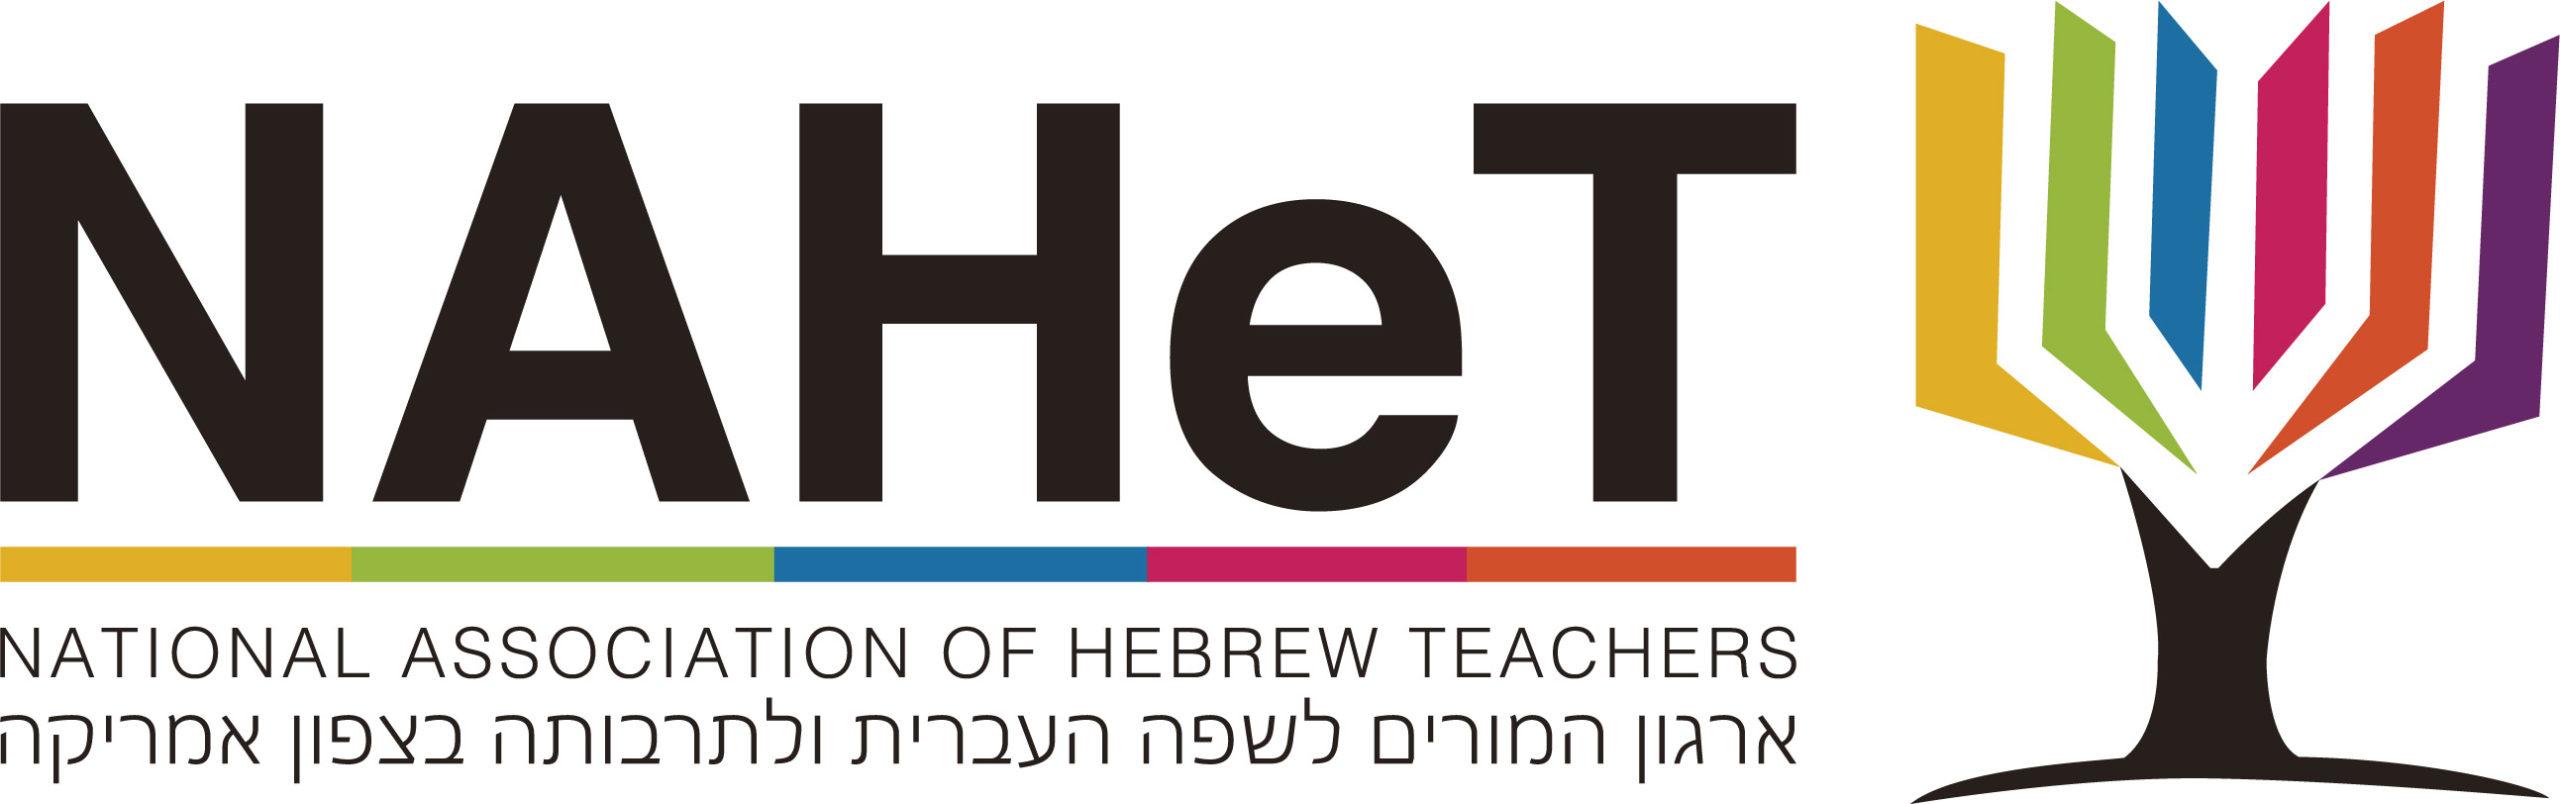 National Association of Hebrew Teachers